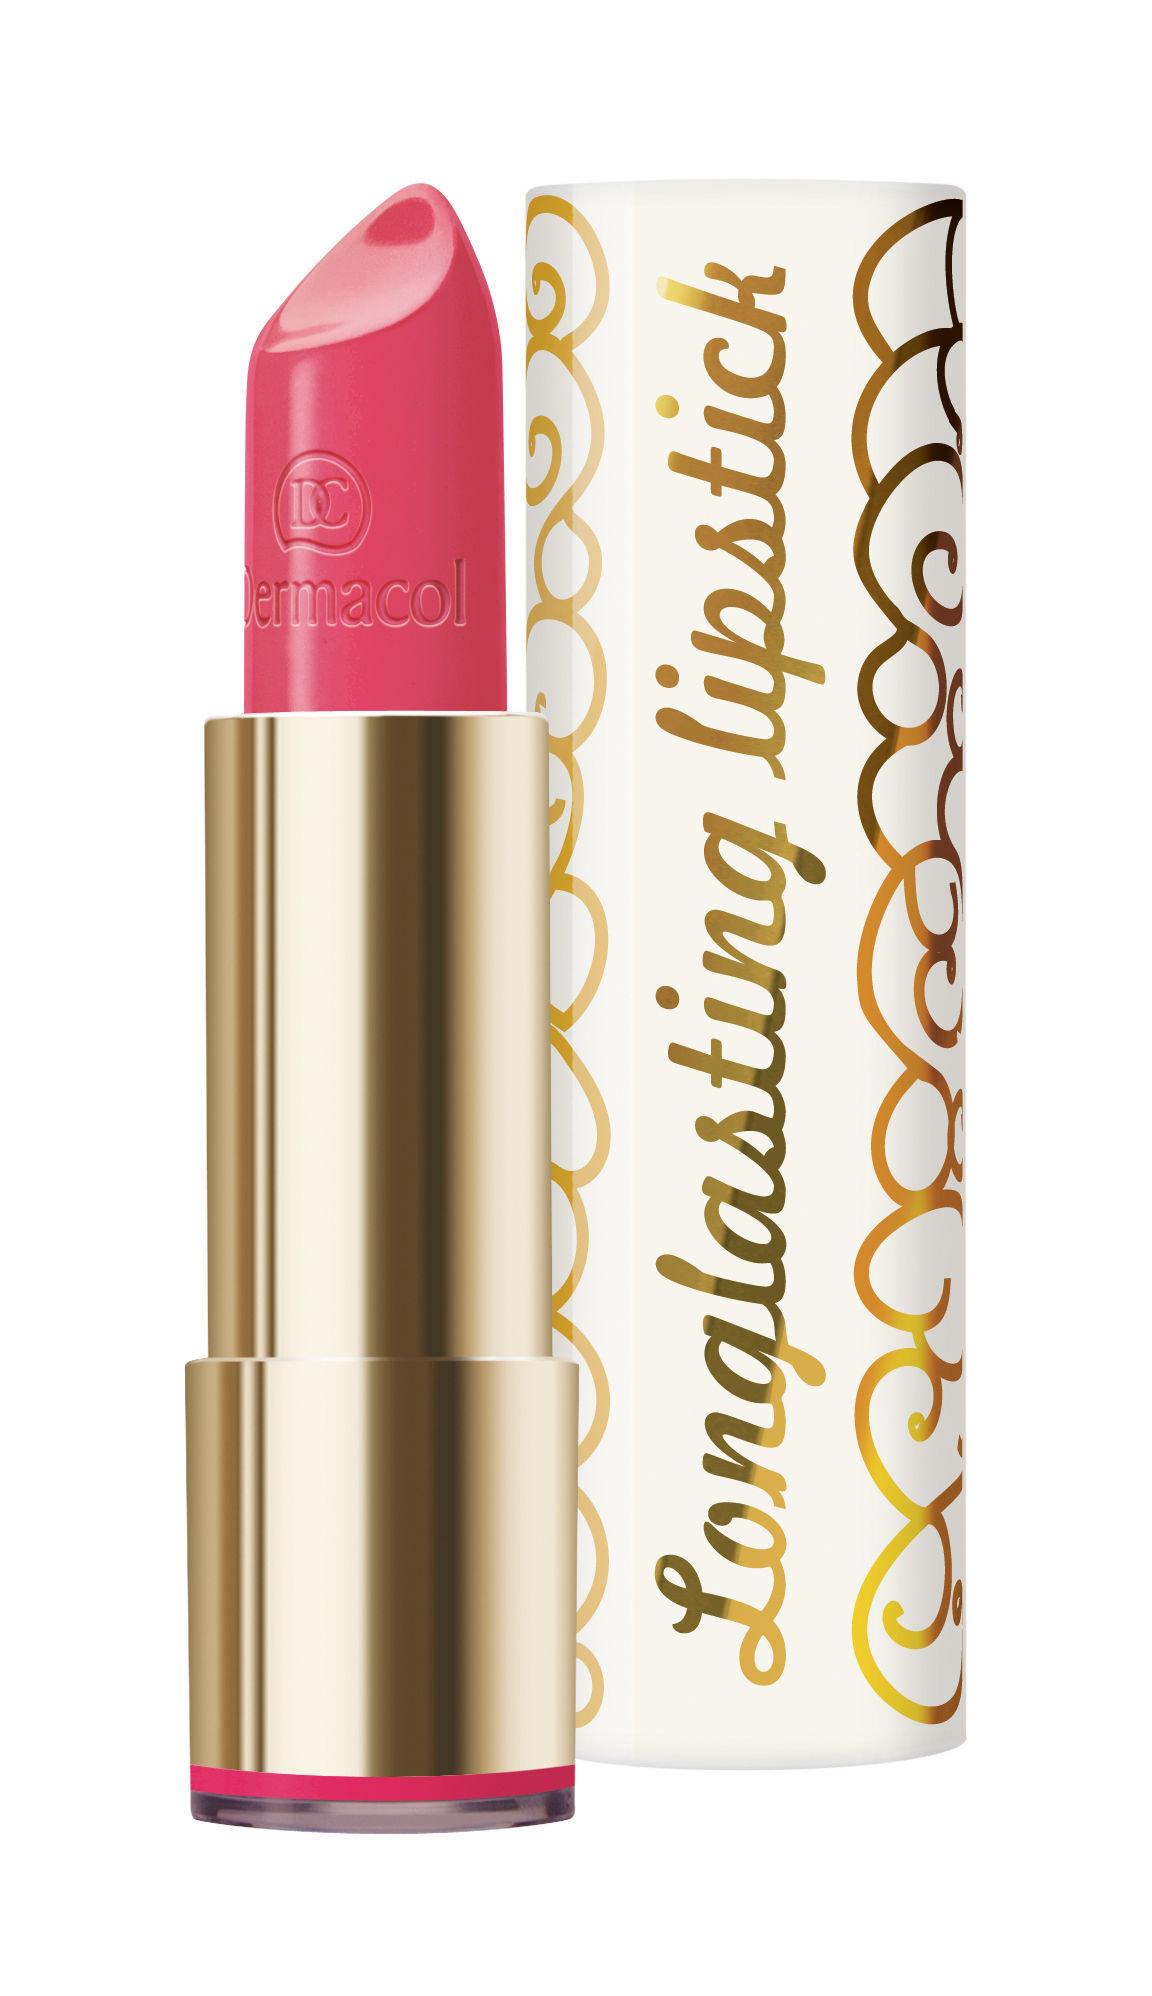 Dermacol Longlasting Cosmetic 4,8ml 02